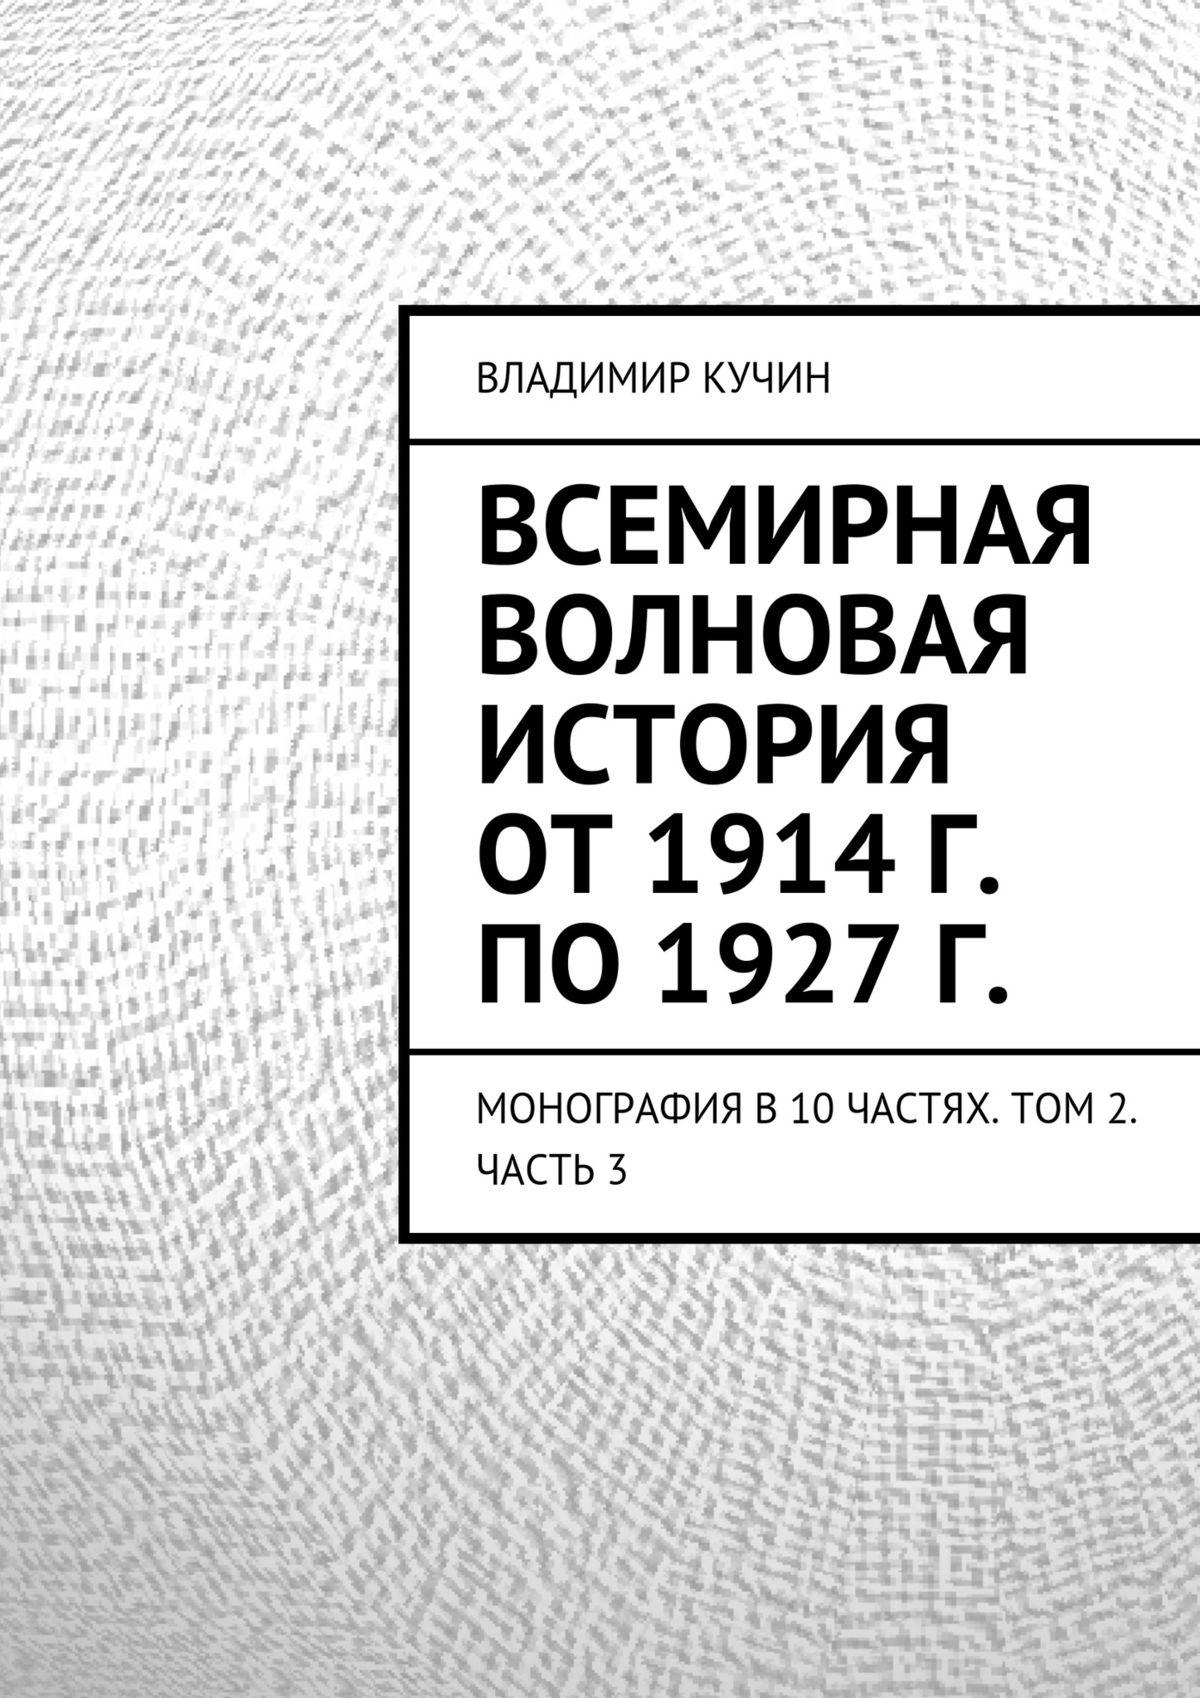 Всемирная волновая история от 1914 г. по 1927 г.